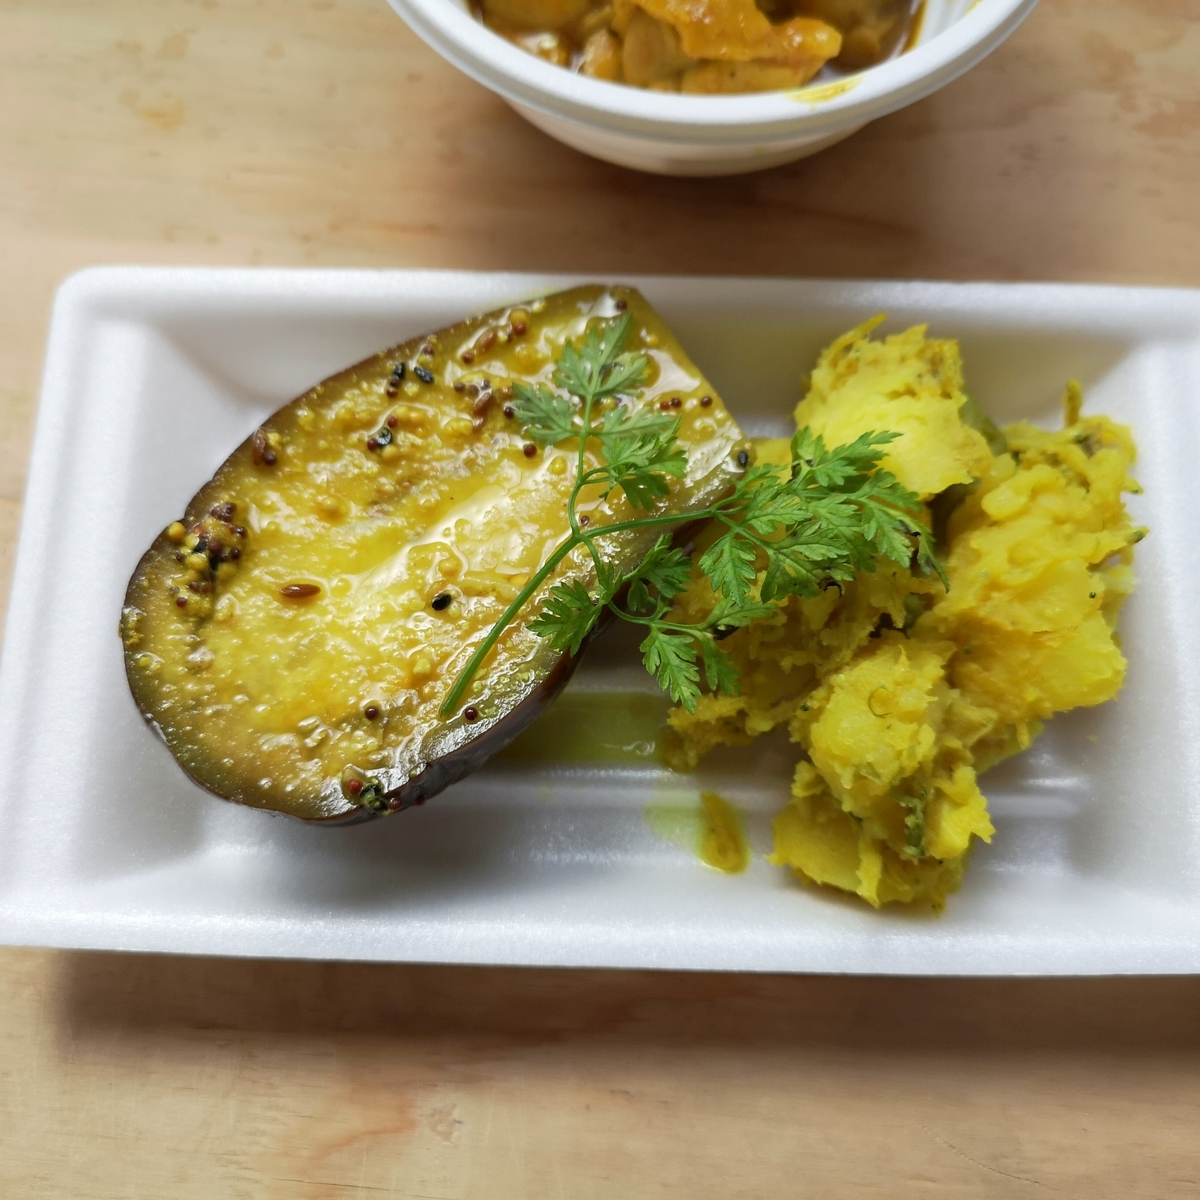 カレー事情聴取スパイス定食&バルVol.7 2019年10月20日 虹の仏 シラスと野菜のチョッチョリ ナスのマスタード煮